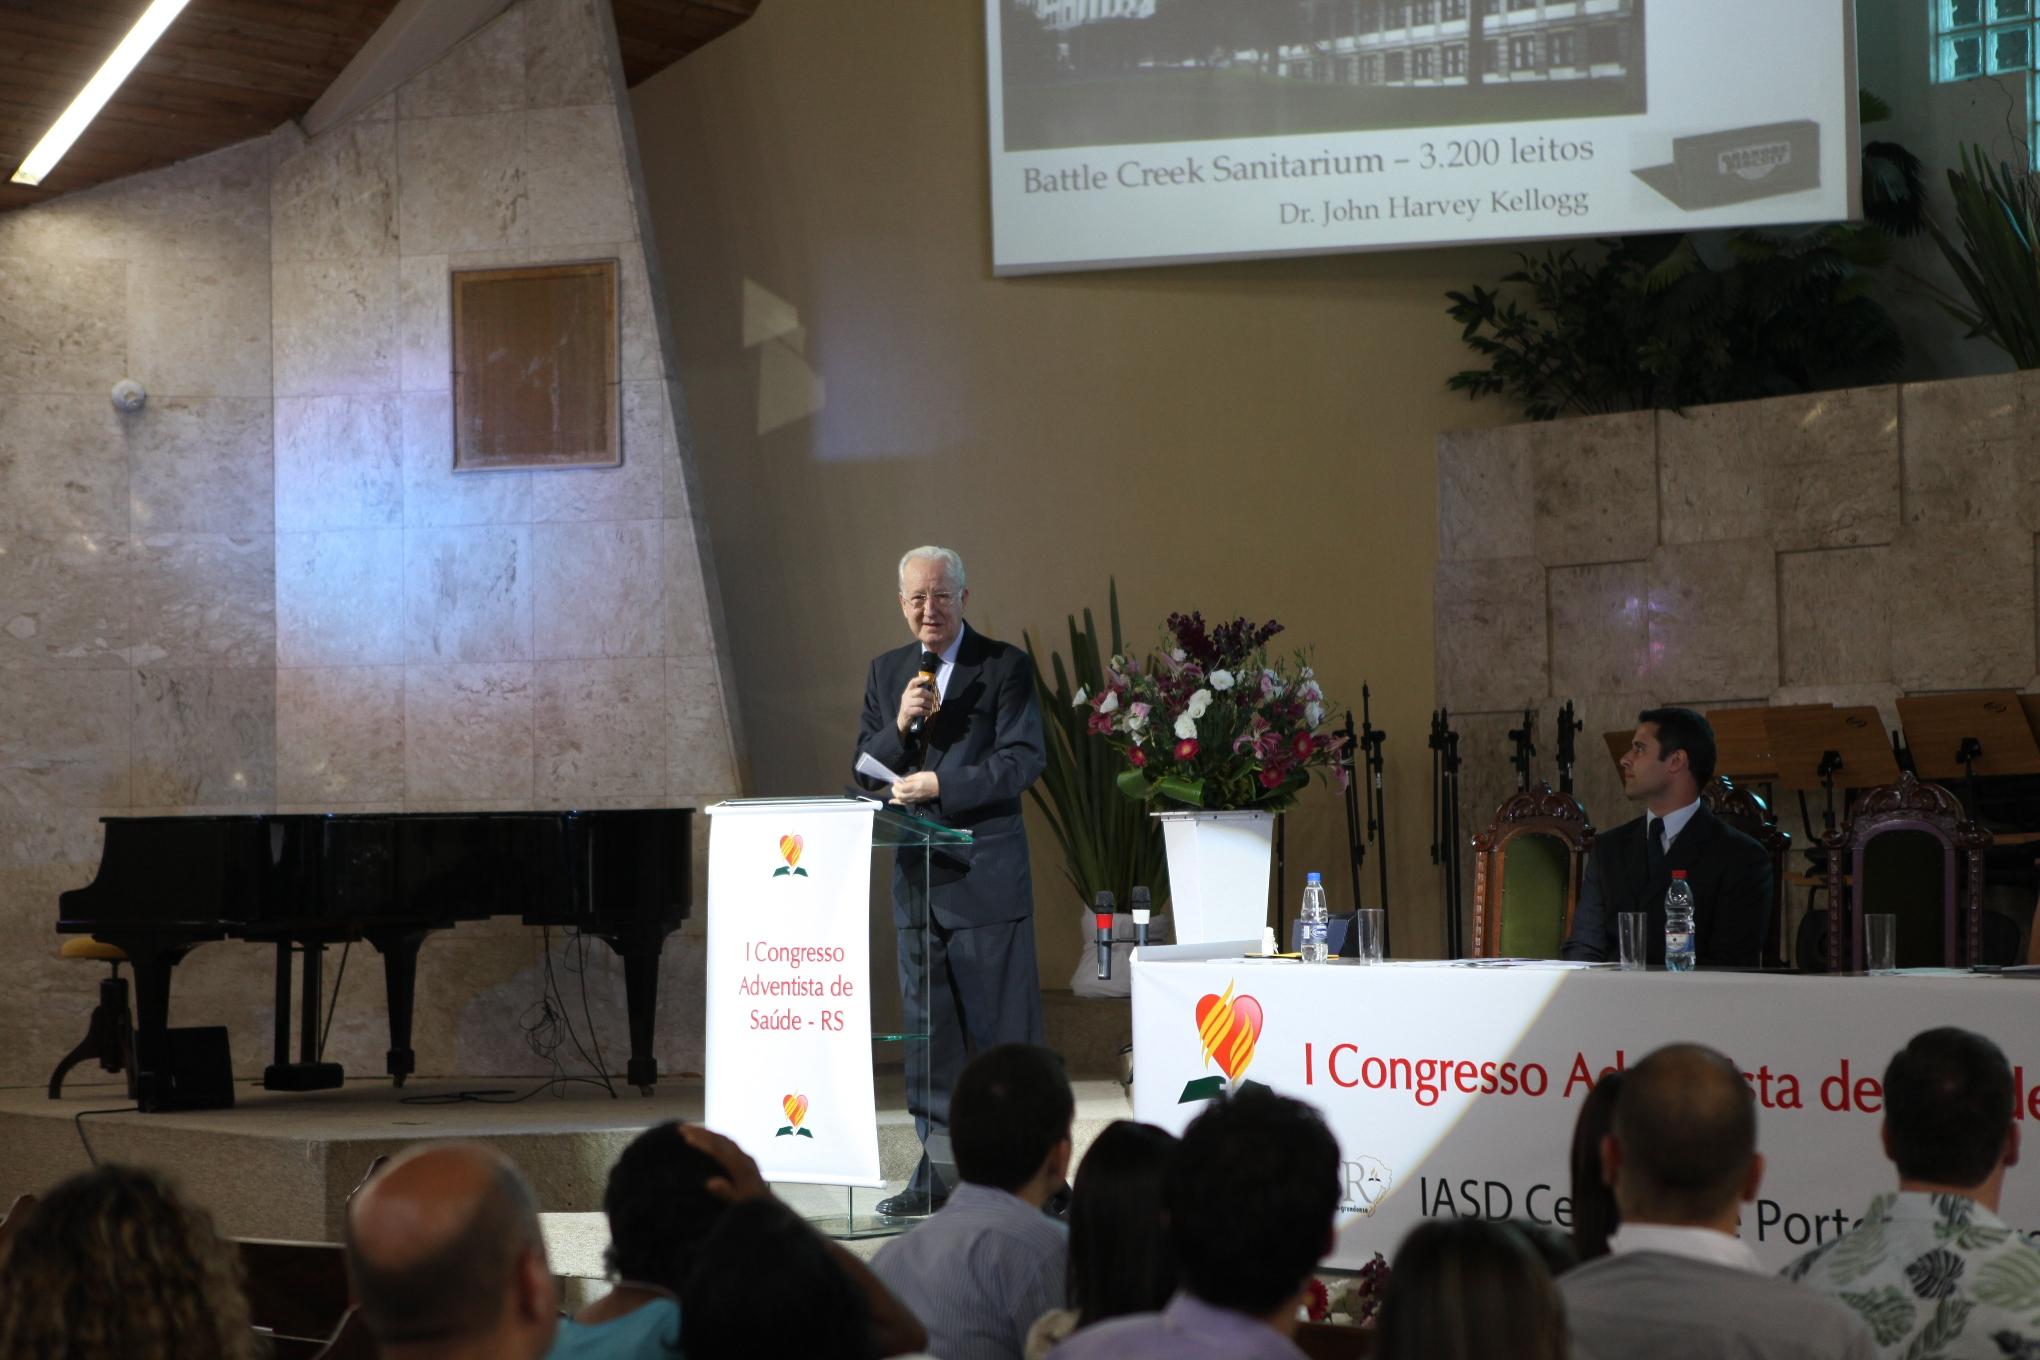 Este foi o primeiro congresso adventista de saúde do Rio Grande do Sul